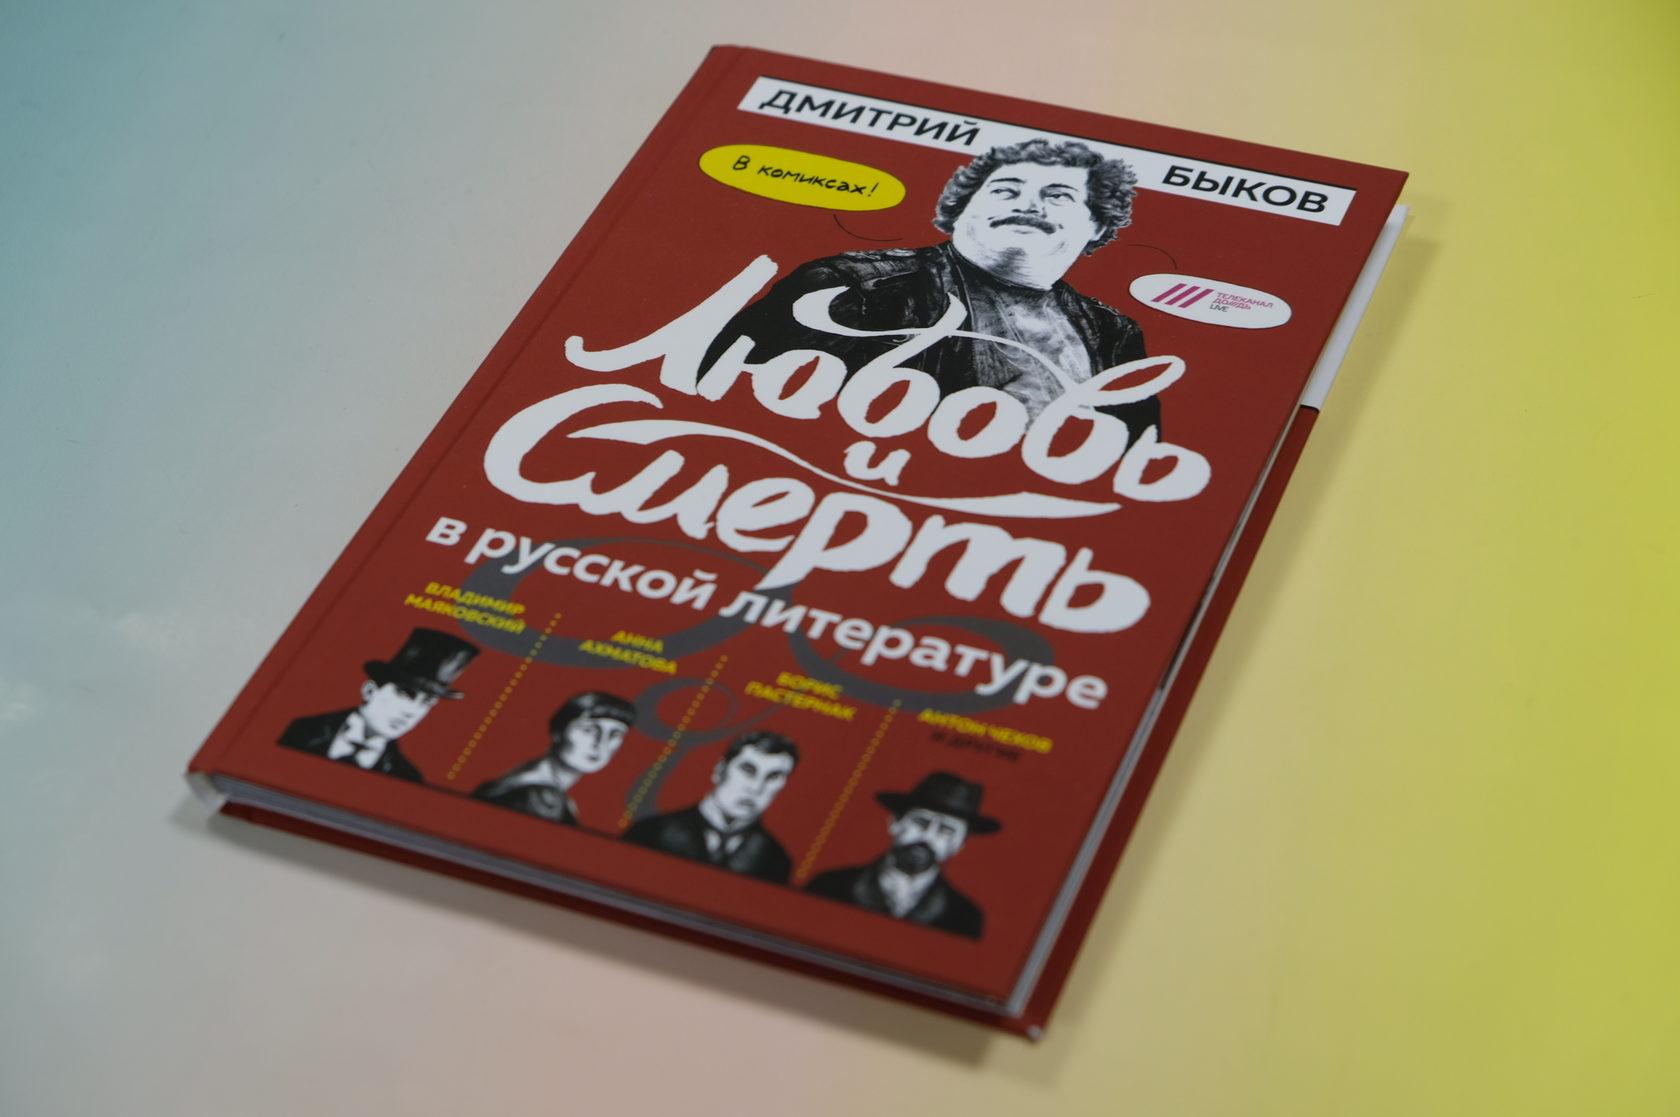 Дмитрий Быков «Любовь и смерть в русской литературе». В комиксах